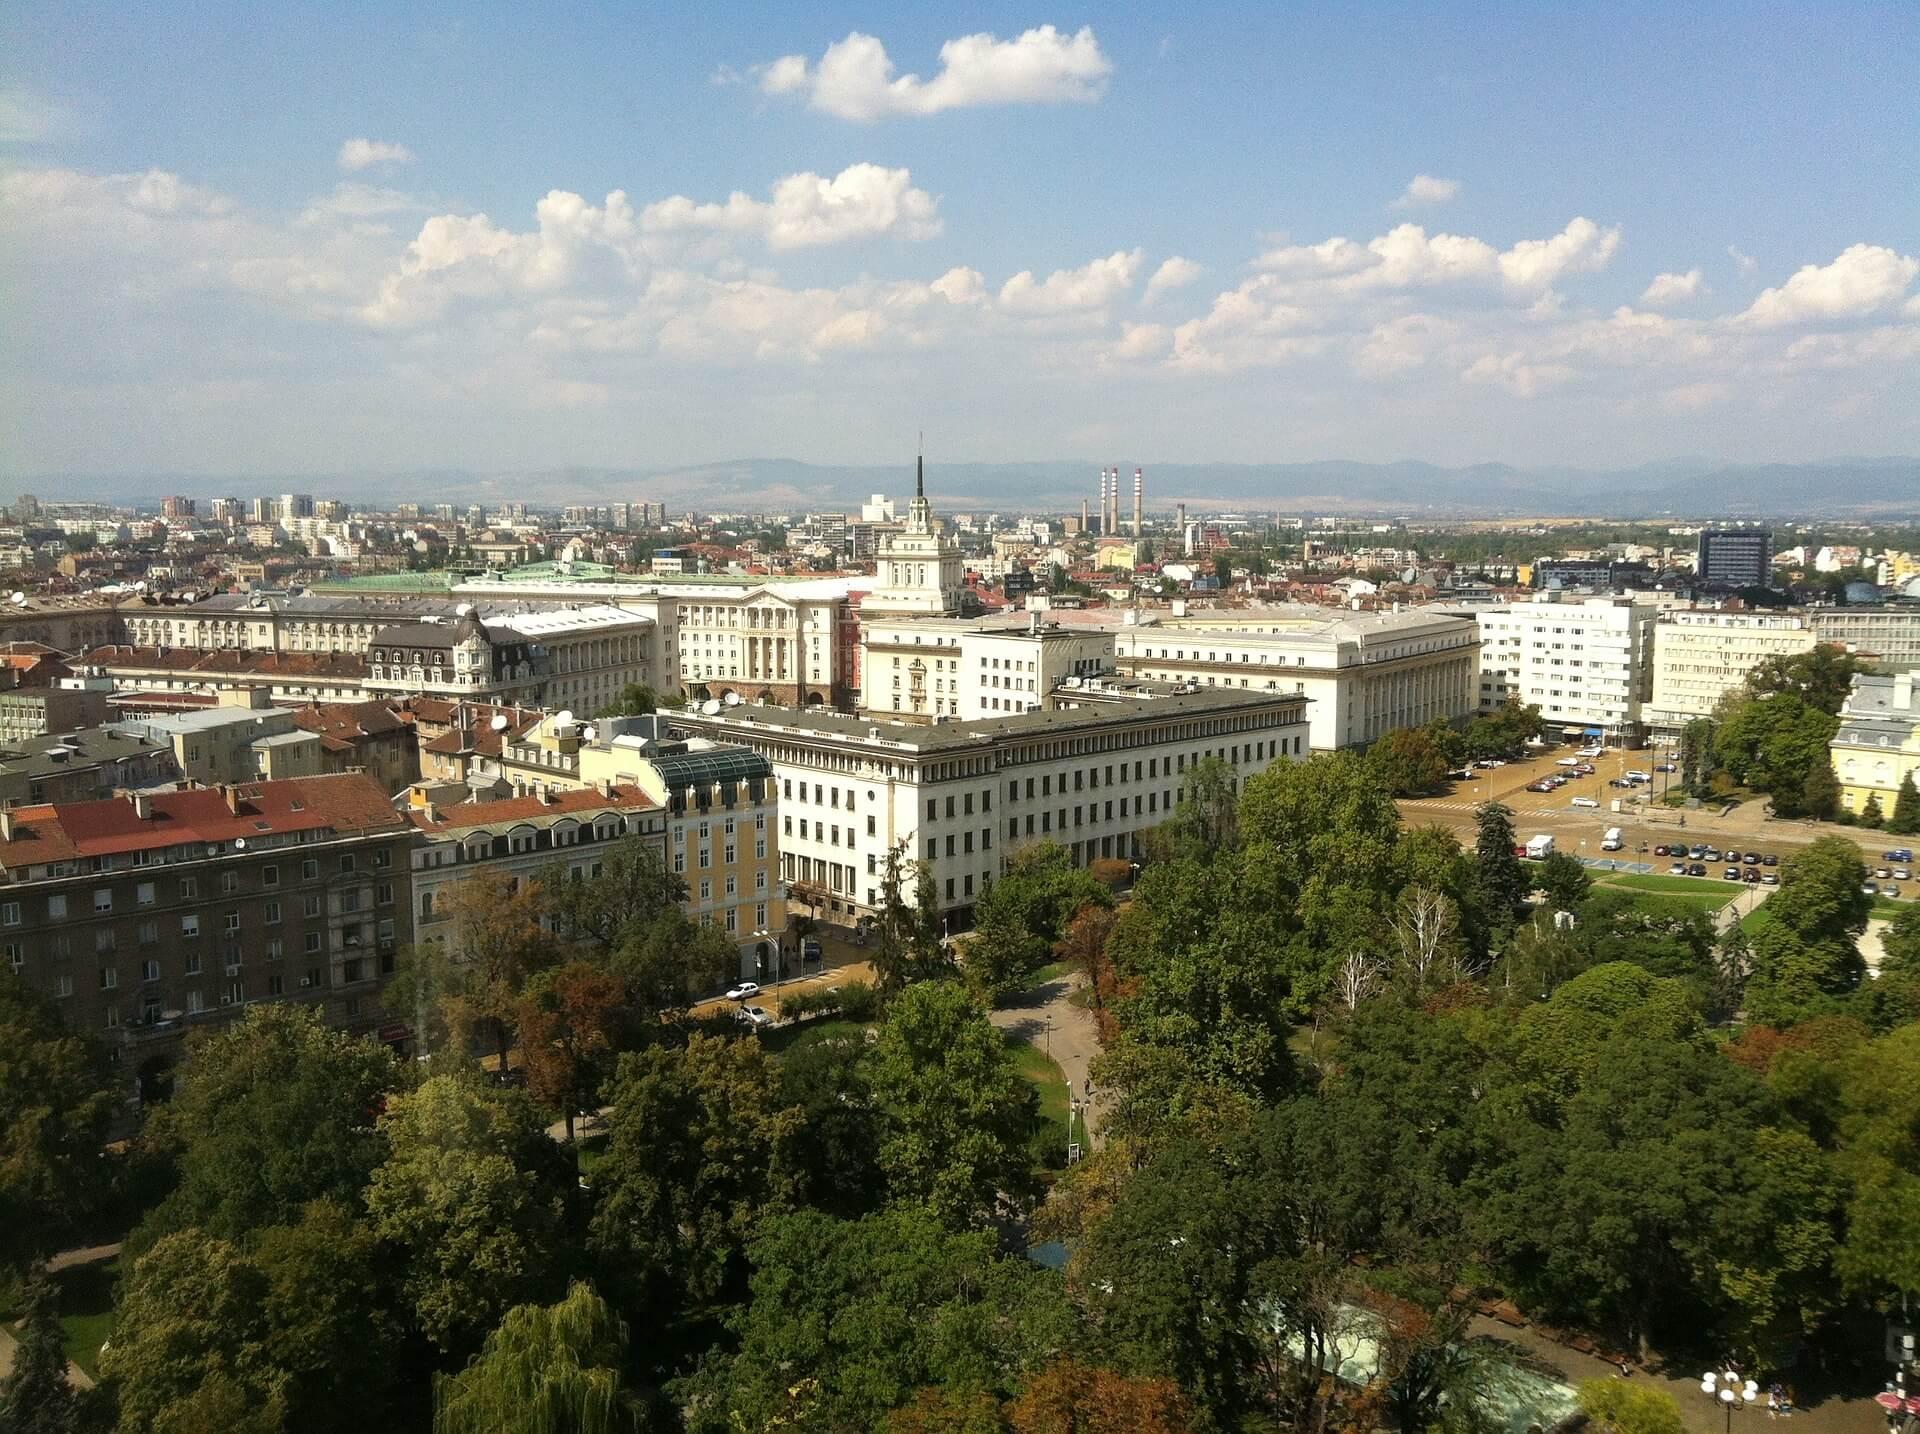 Direktflüge und Billigflüge ab Wien nach Sofia